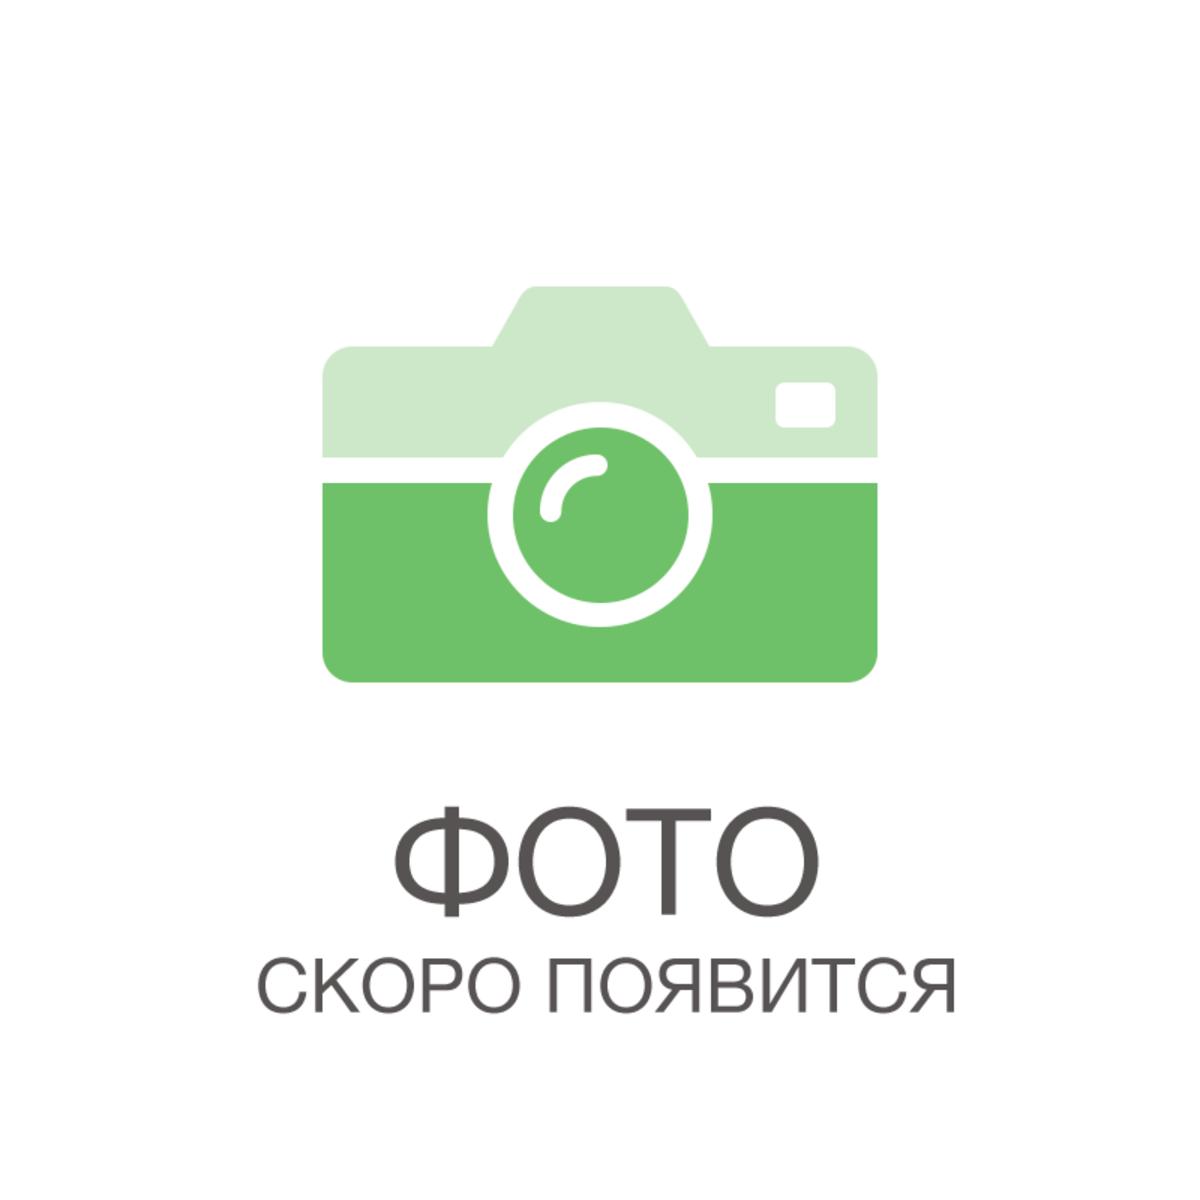 Керамогранит Artens «Норд» 3D 40.2х40.2 см 1.62 м² цвет белый матовый